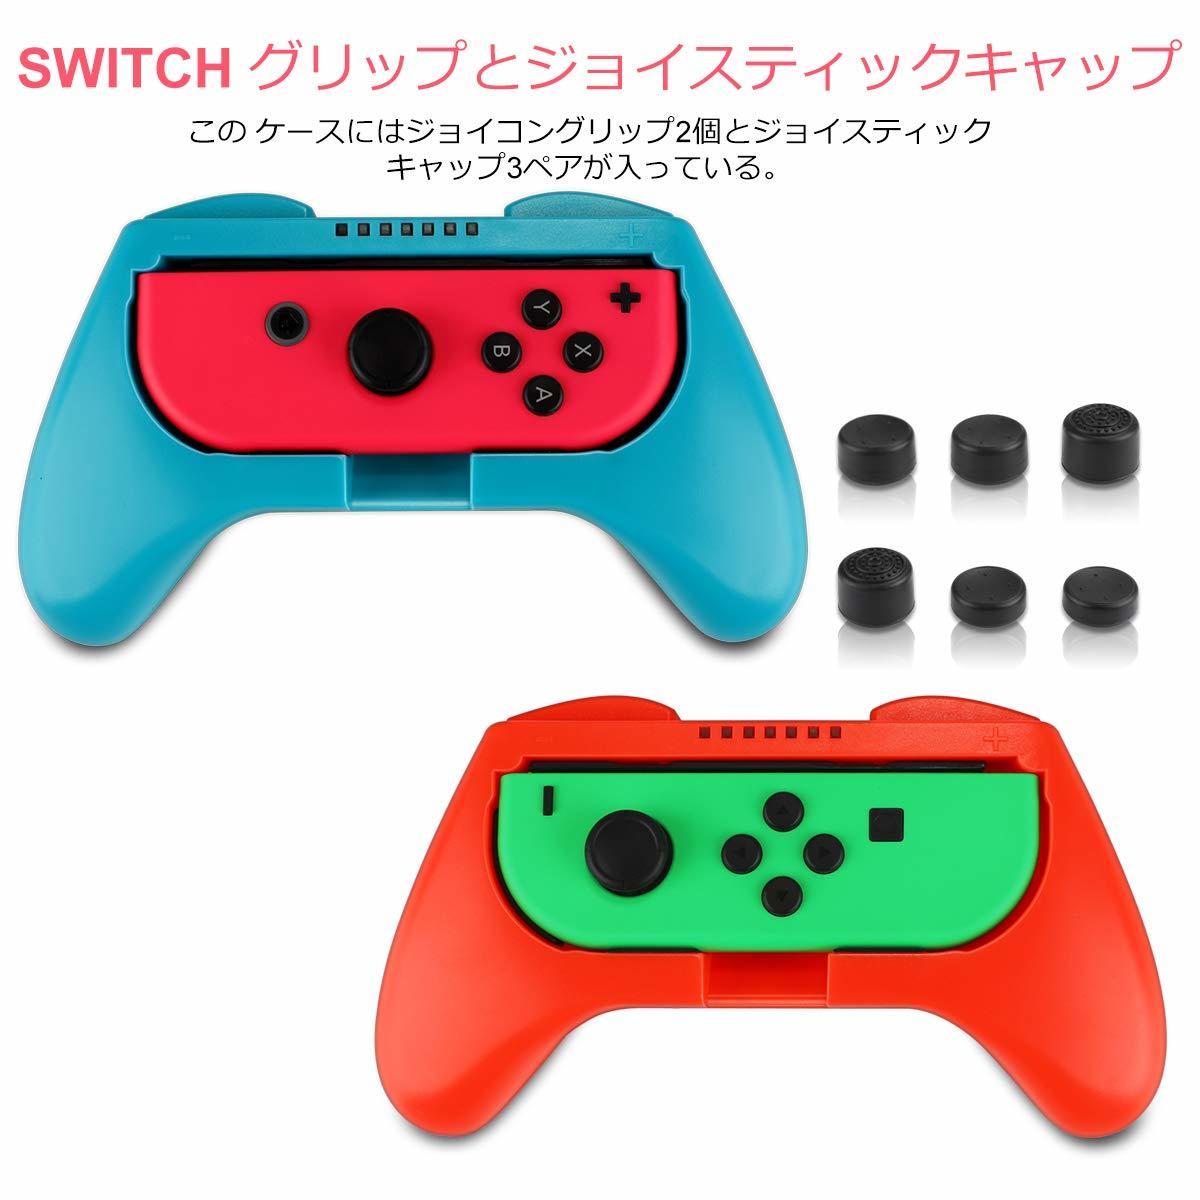 Nintendo Switch ケース 任天堂スイッチケース 保護カバー グリップ スタンド機能付き スイッチケース キャリング 大容量 収納バッグ 防水_画像3